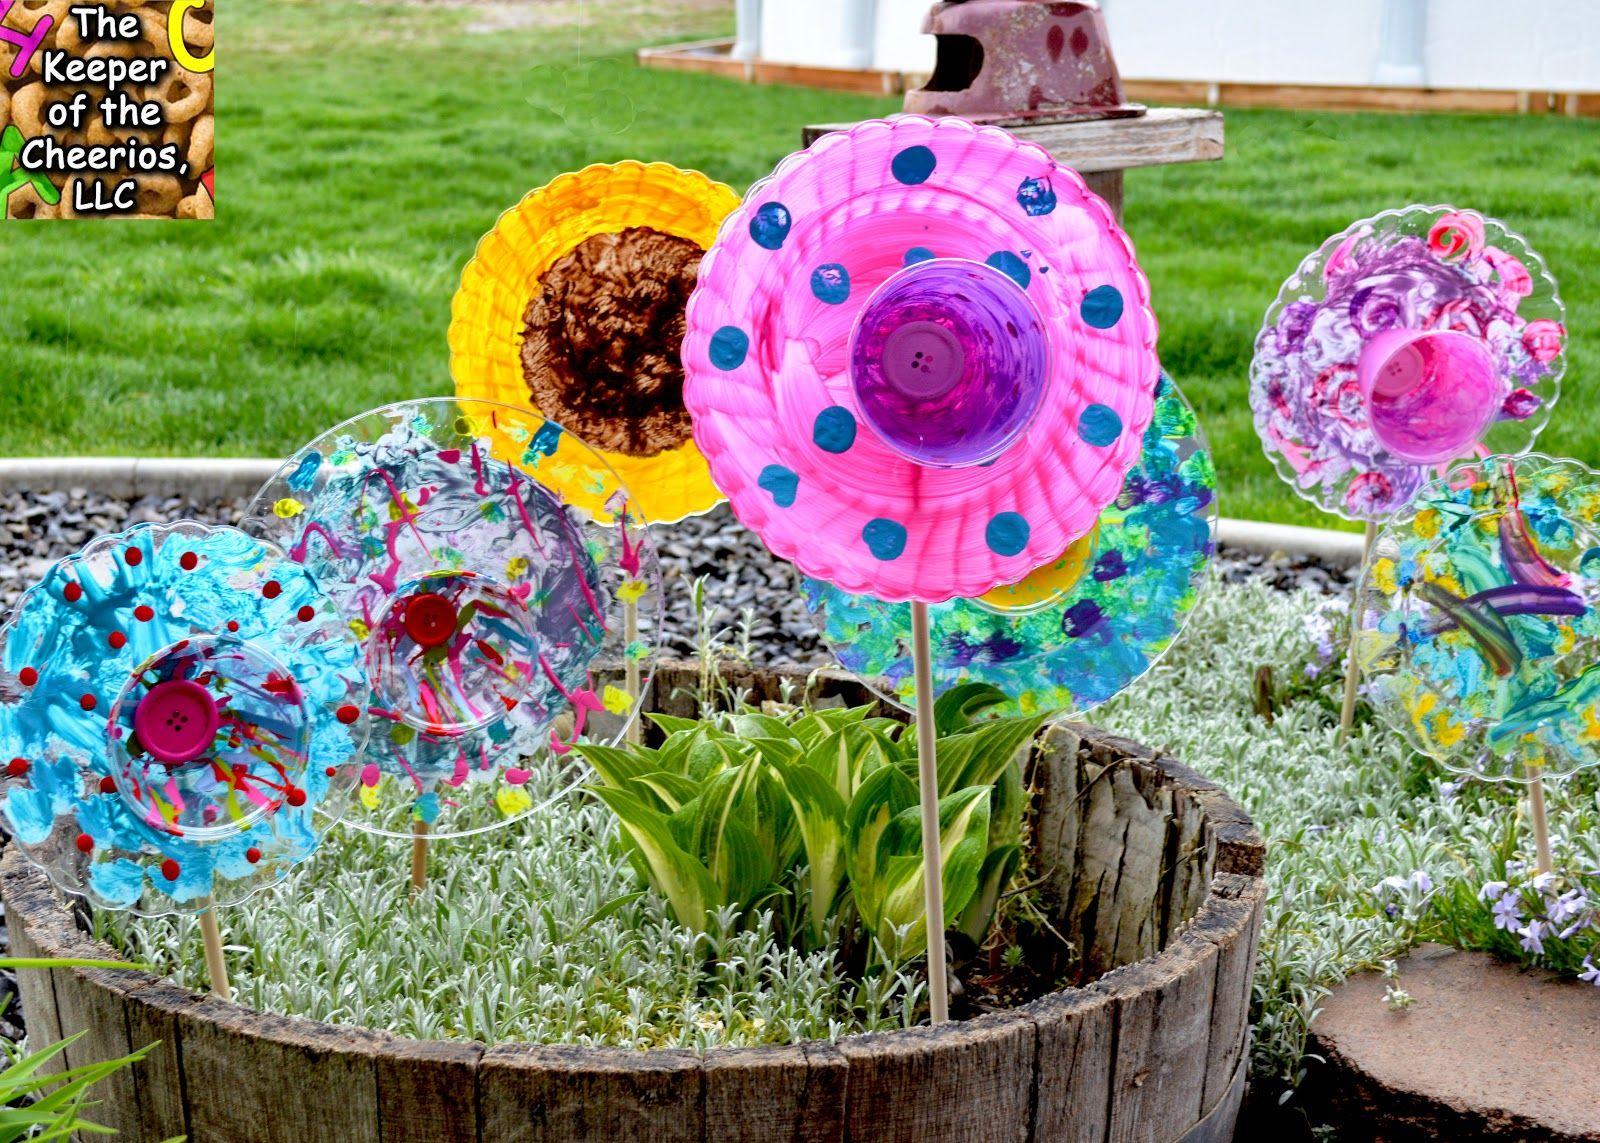 Garden art ideas for kids - Plastic Plate Garden Flowers For Kids